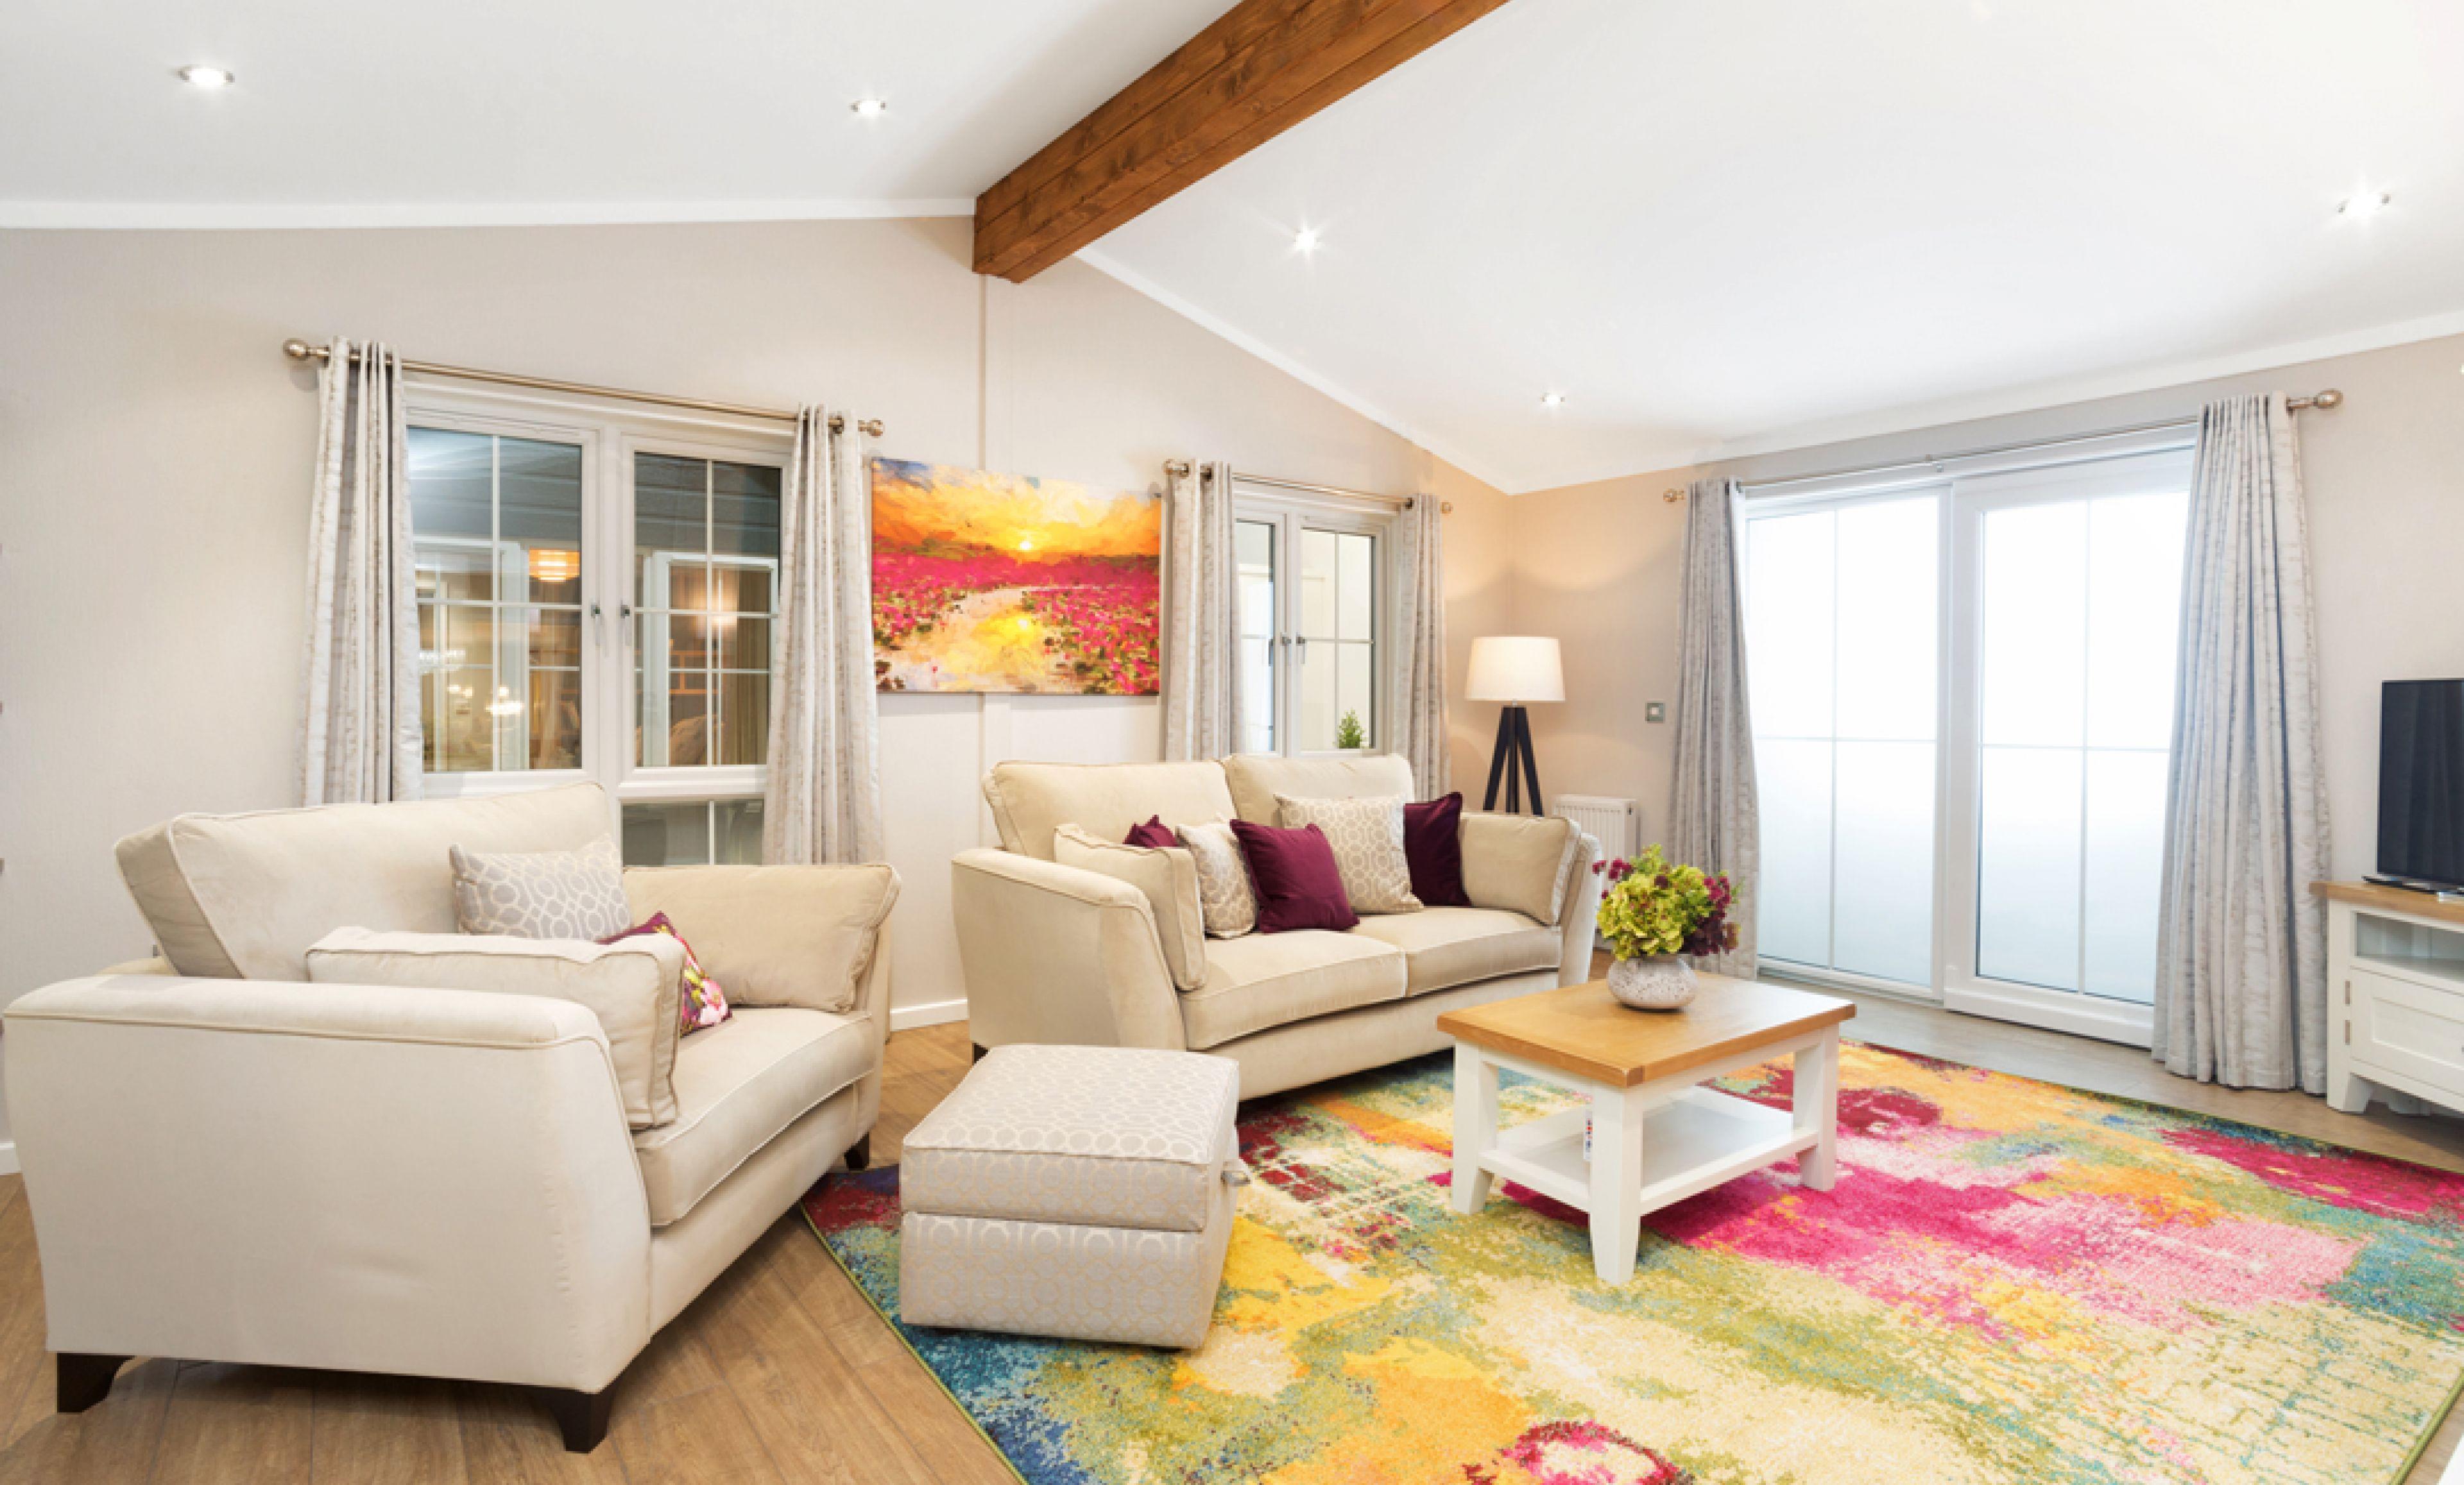 The Addington lounge